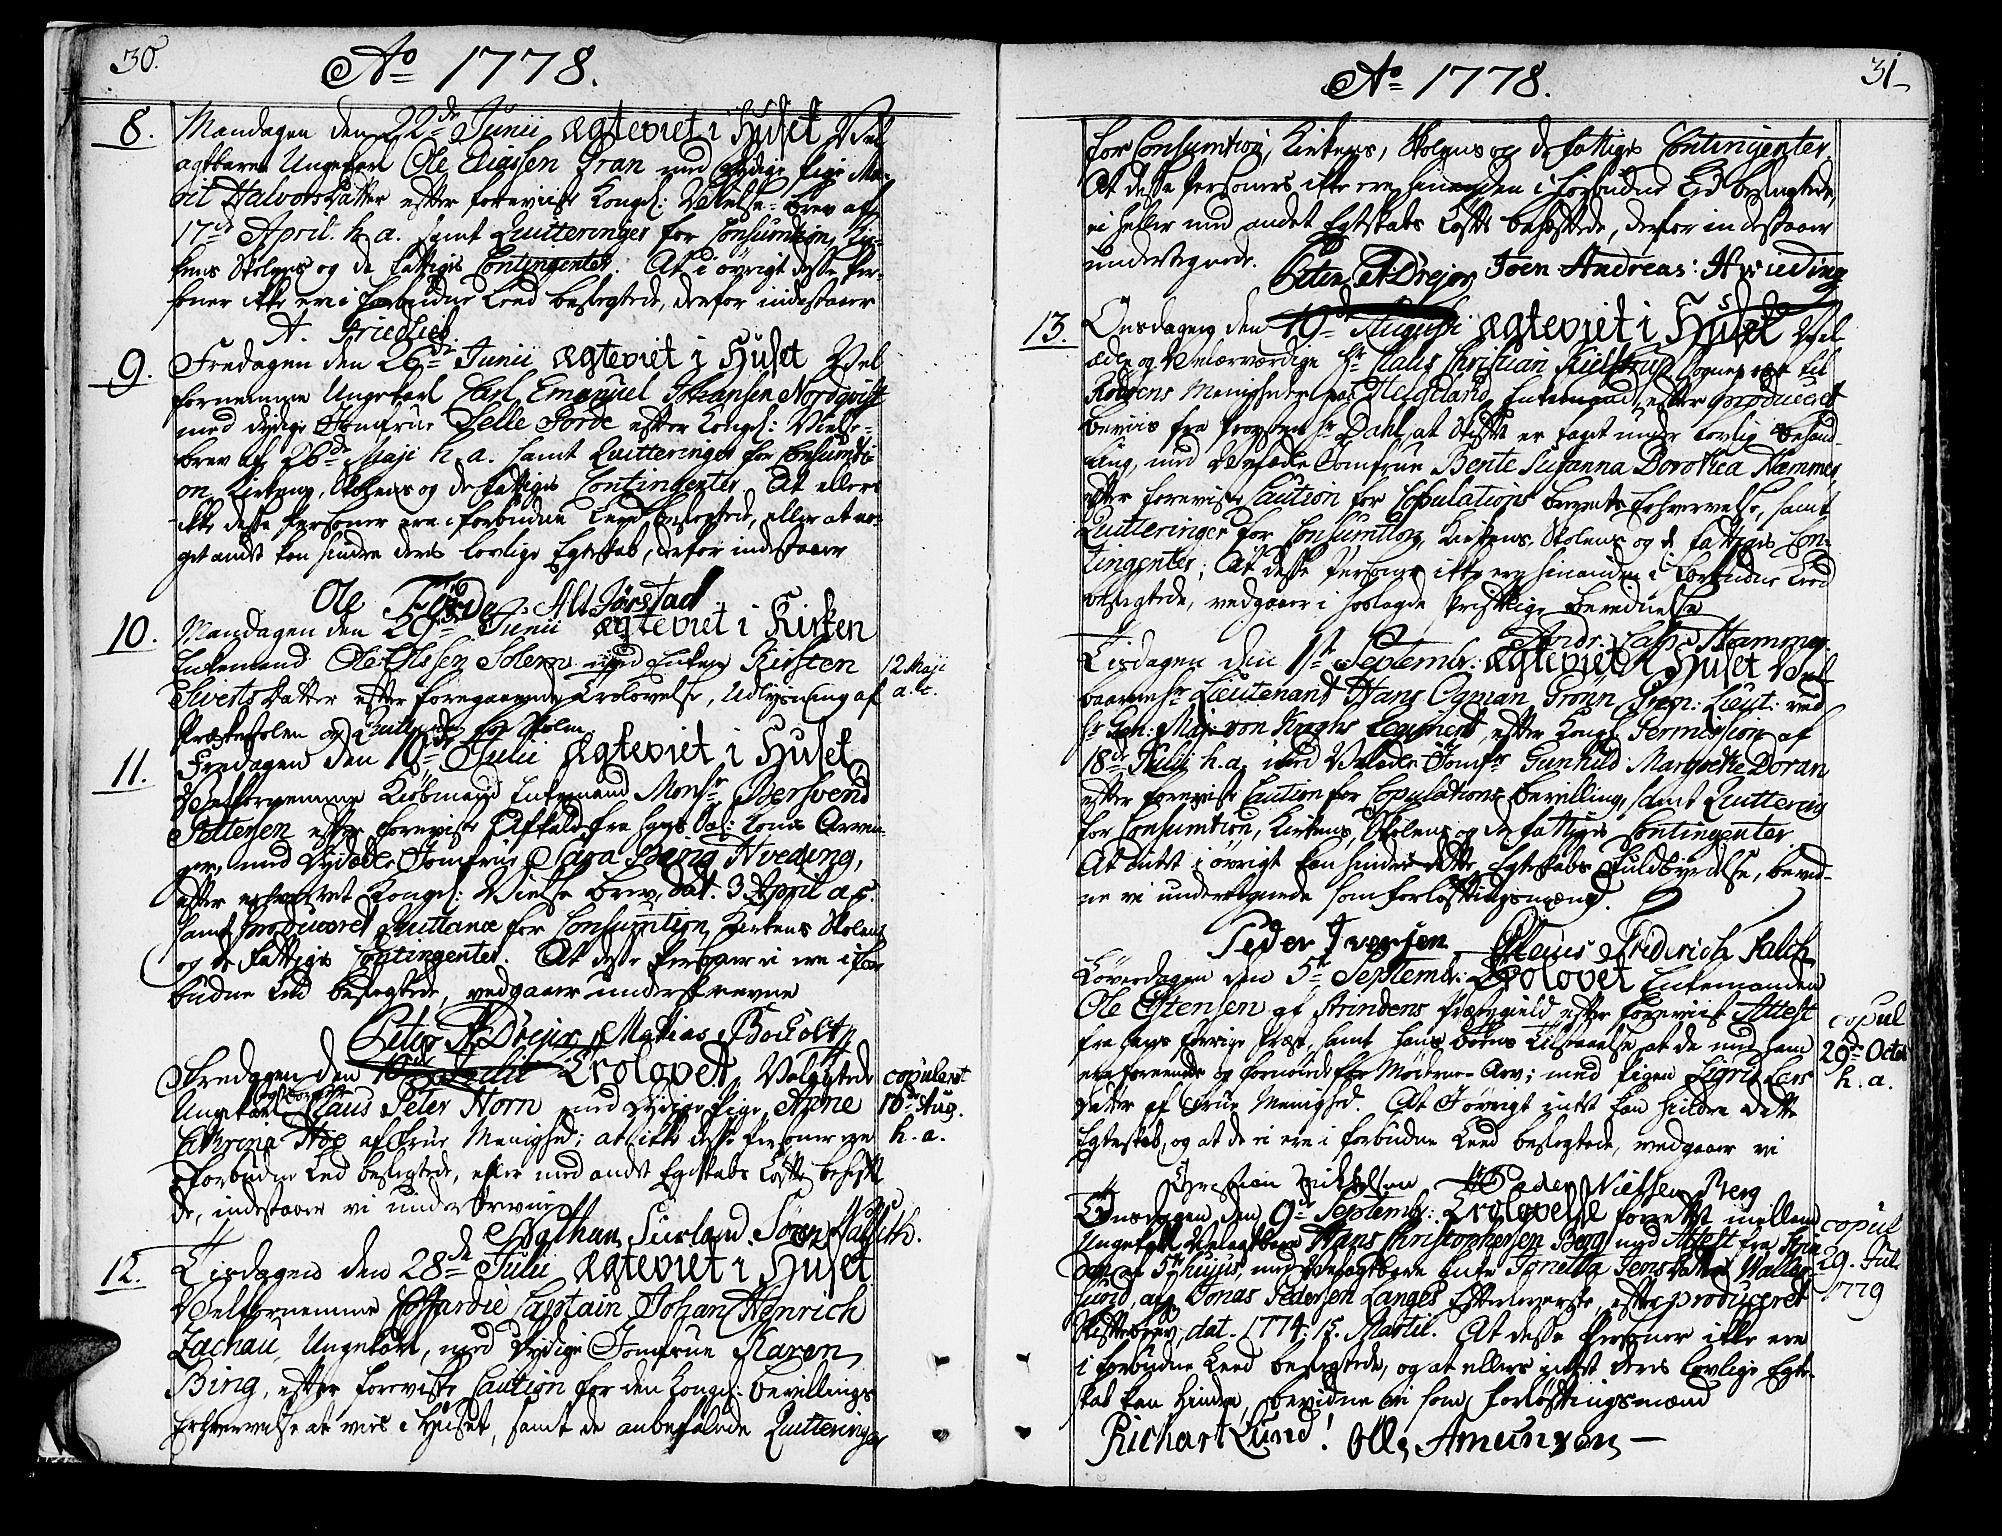 SAT, Ministerialprotokoller, klokkerbøker og fødselsregistre - Sør-Trøndelag, 602/L0105: Ministerialbok nr. 602A03, 1774-1814, s. 30-31